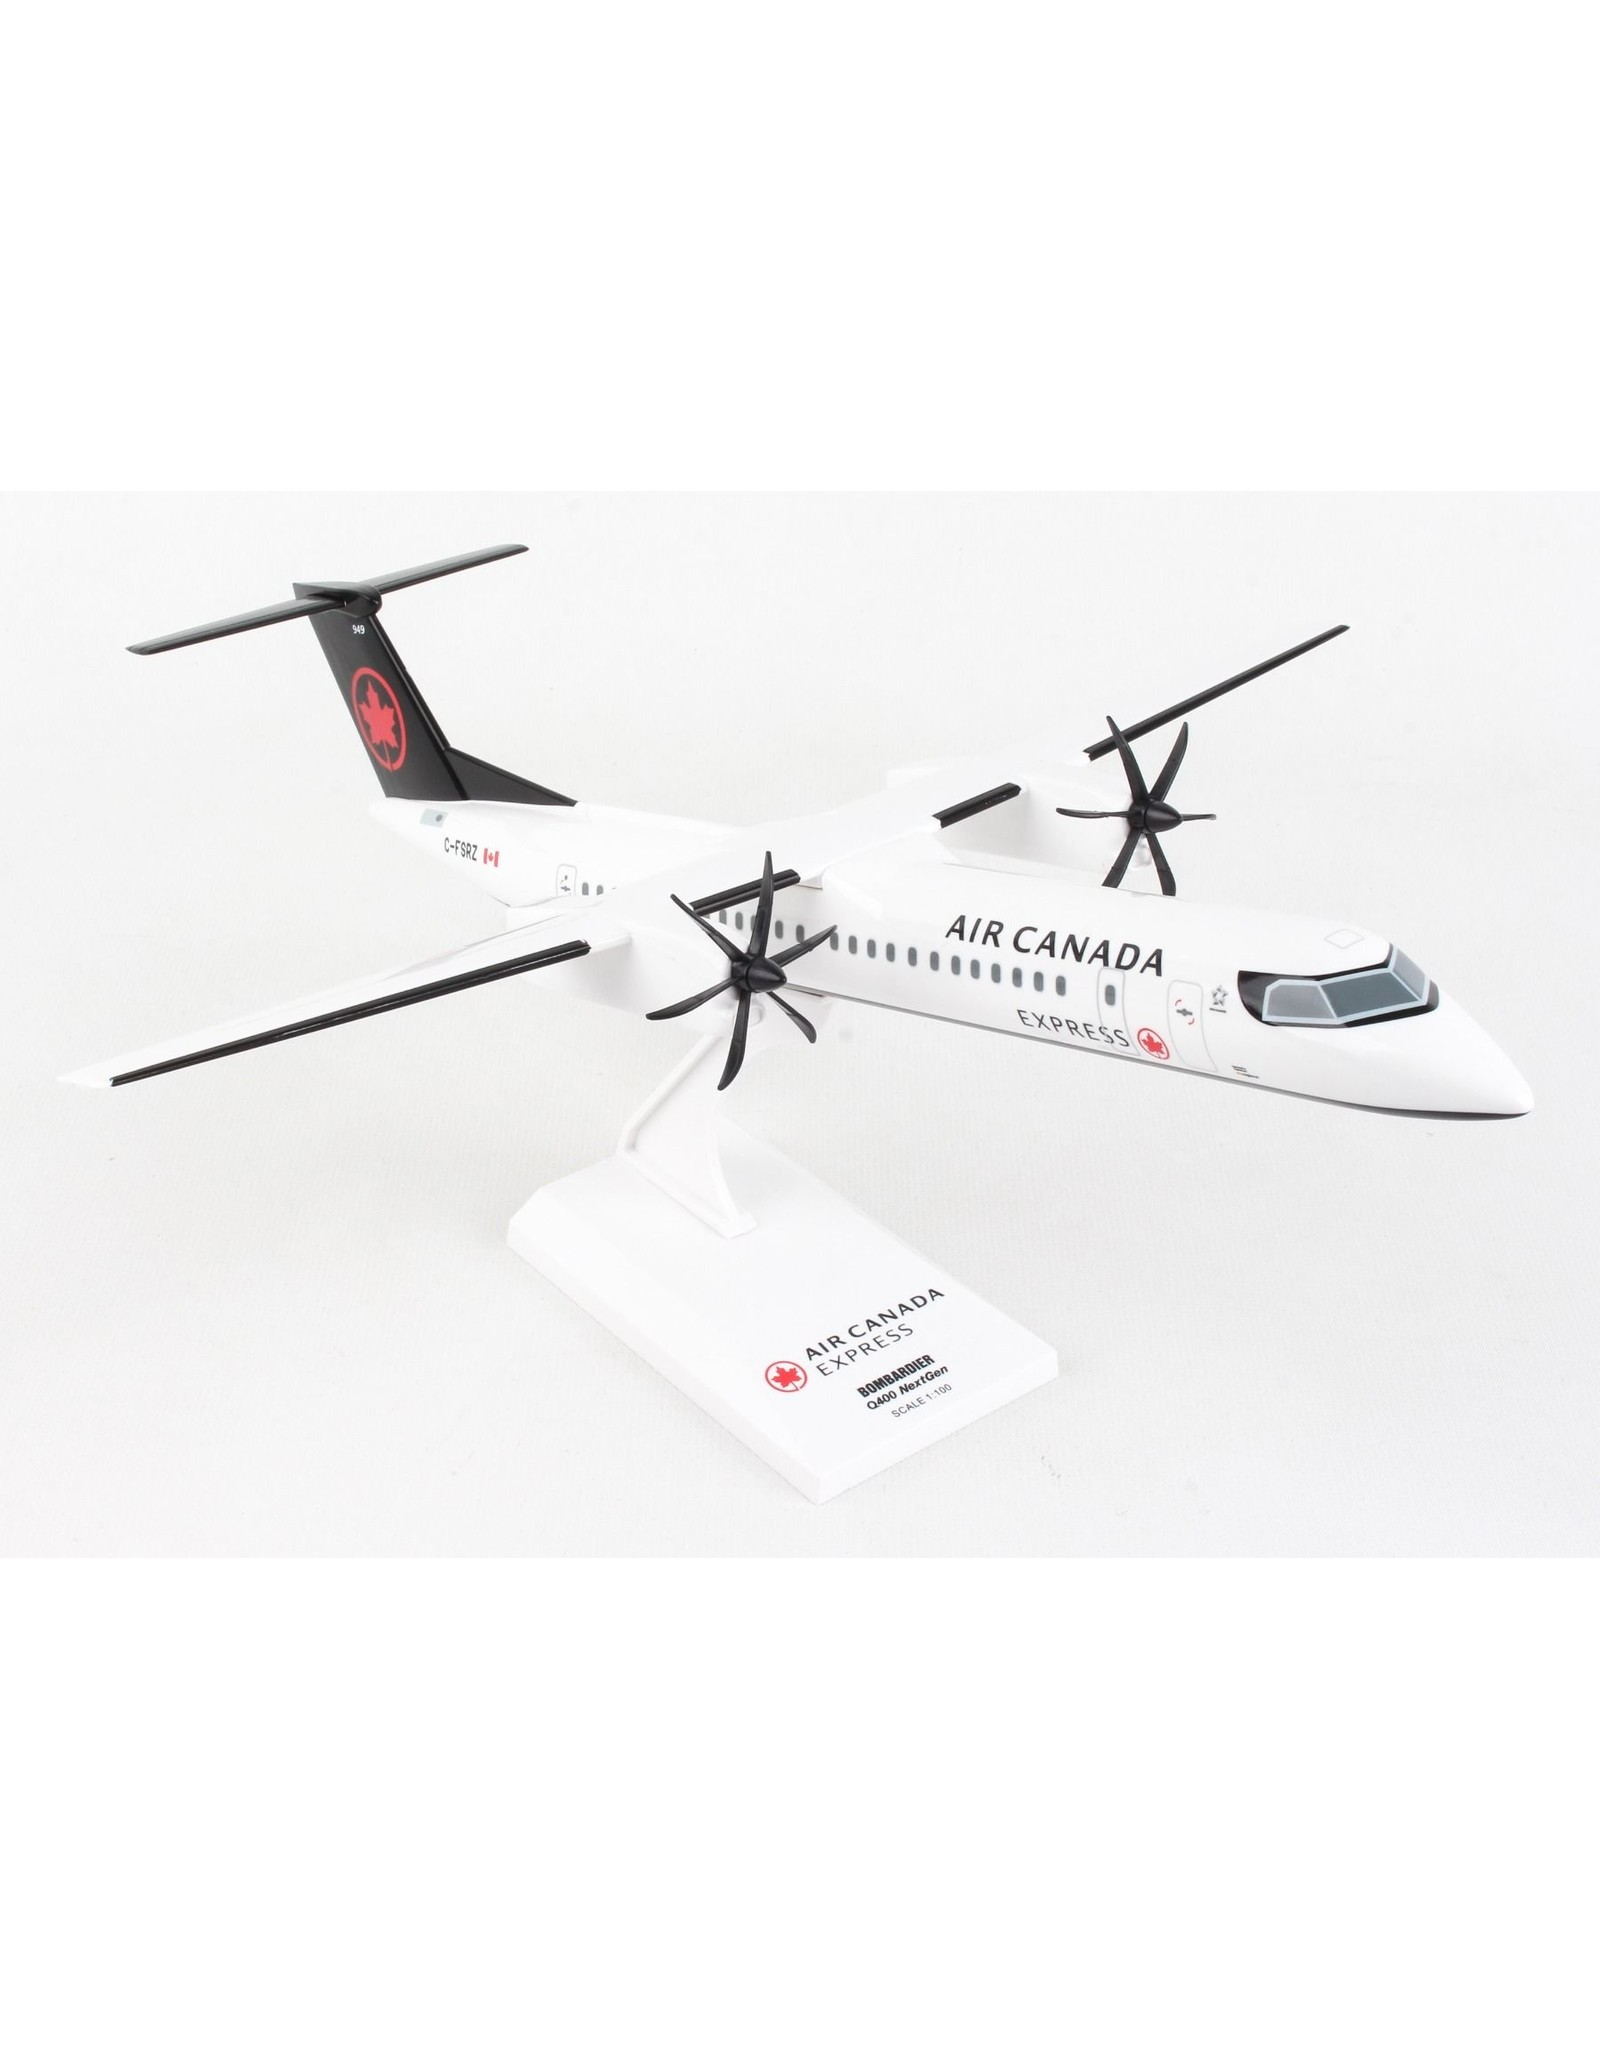 Skymarks Skymarks Air Canada Q400 1/100